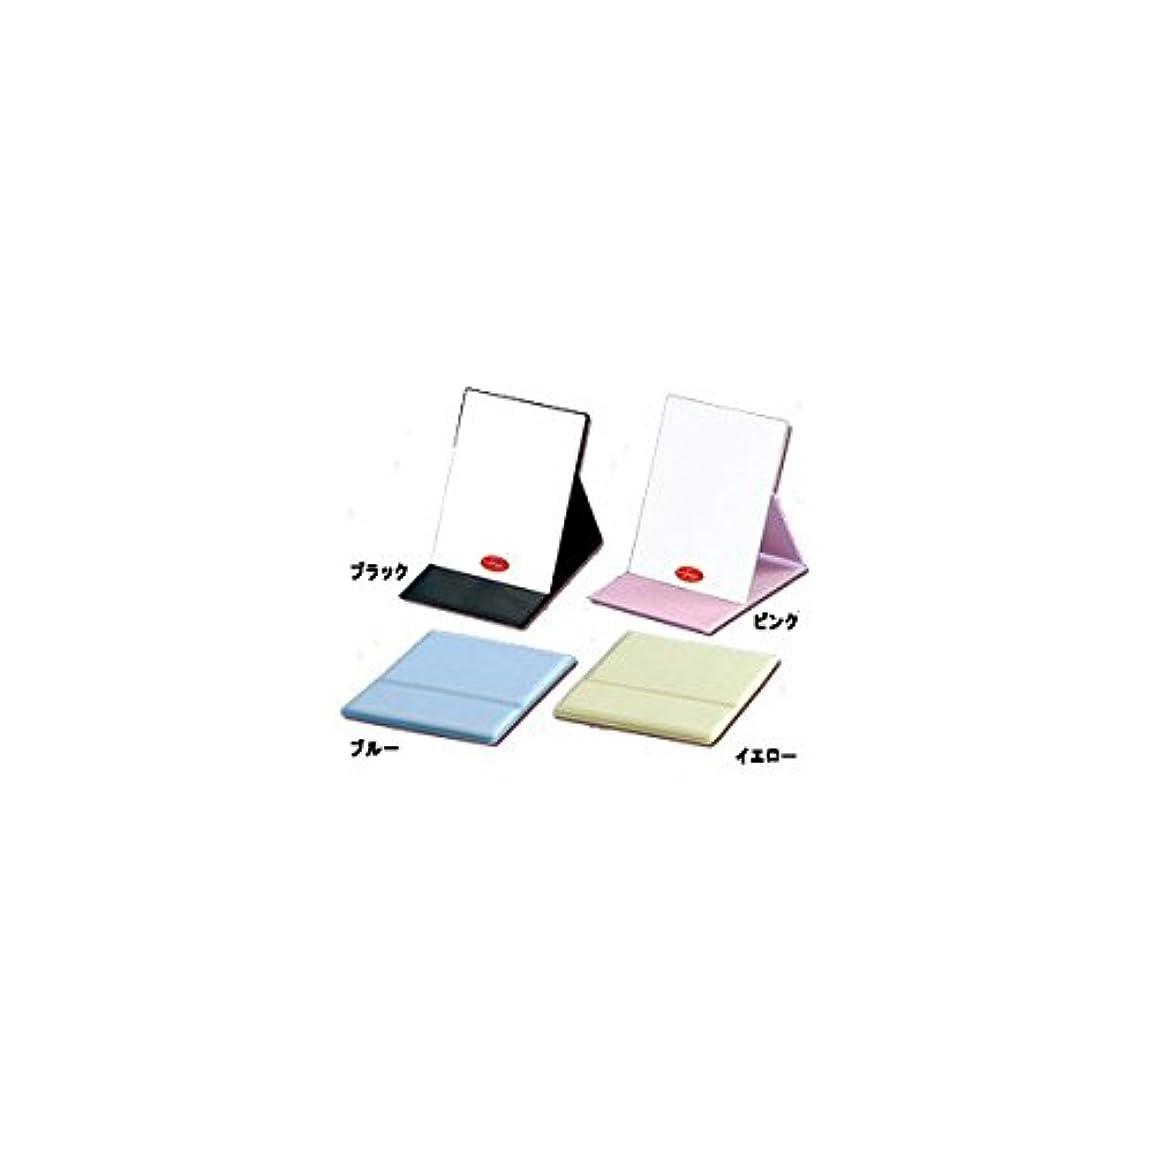 流産先住民生活ナピュア プロモデル カラーバージョン折立ミラー M ピンク